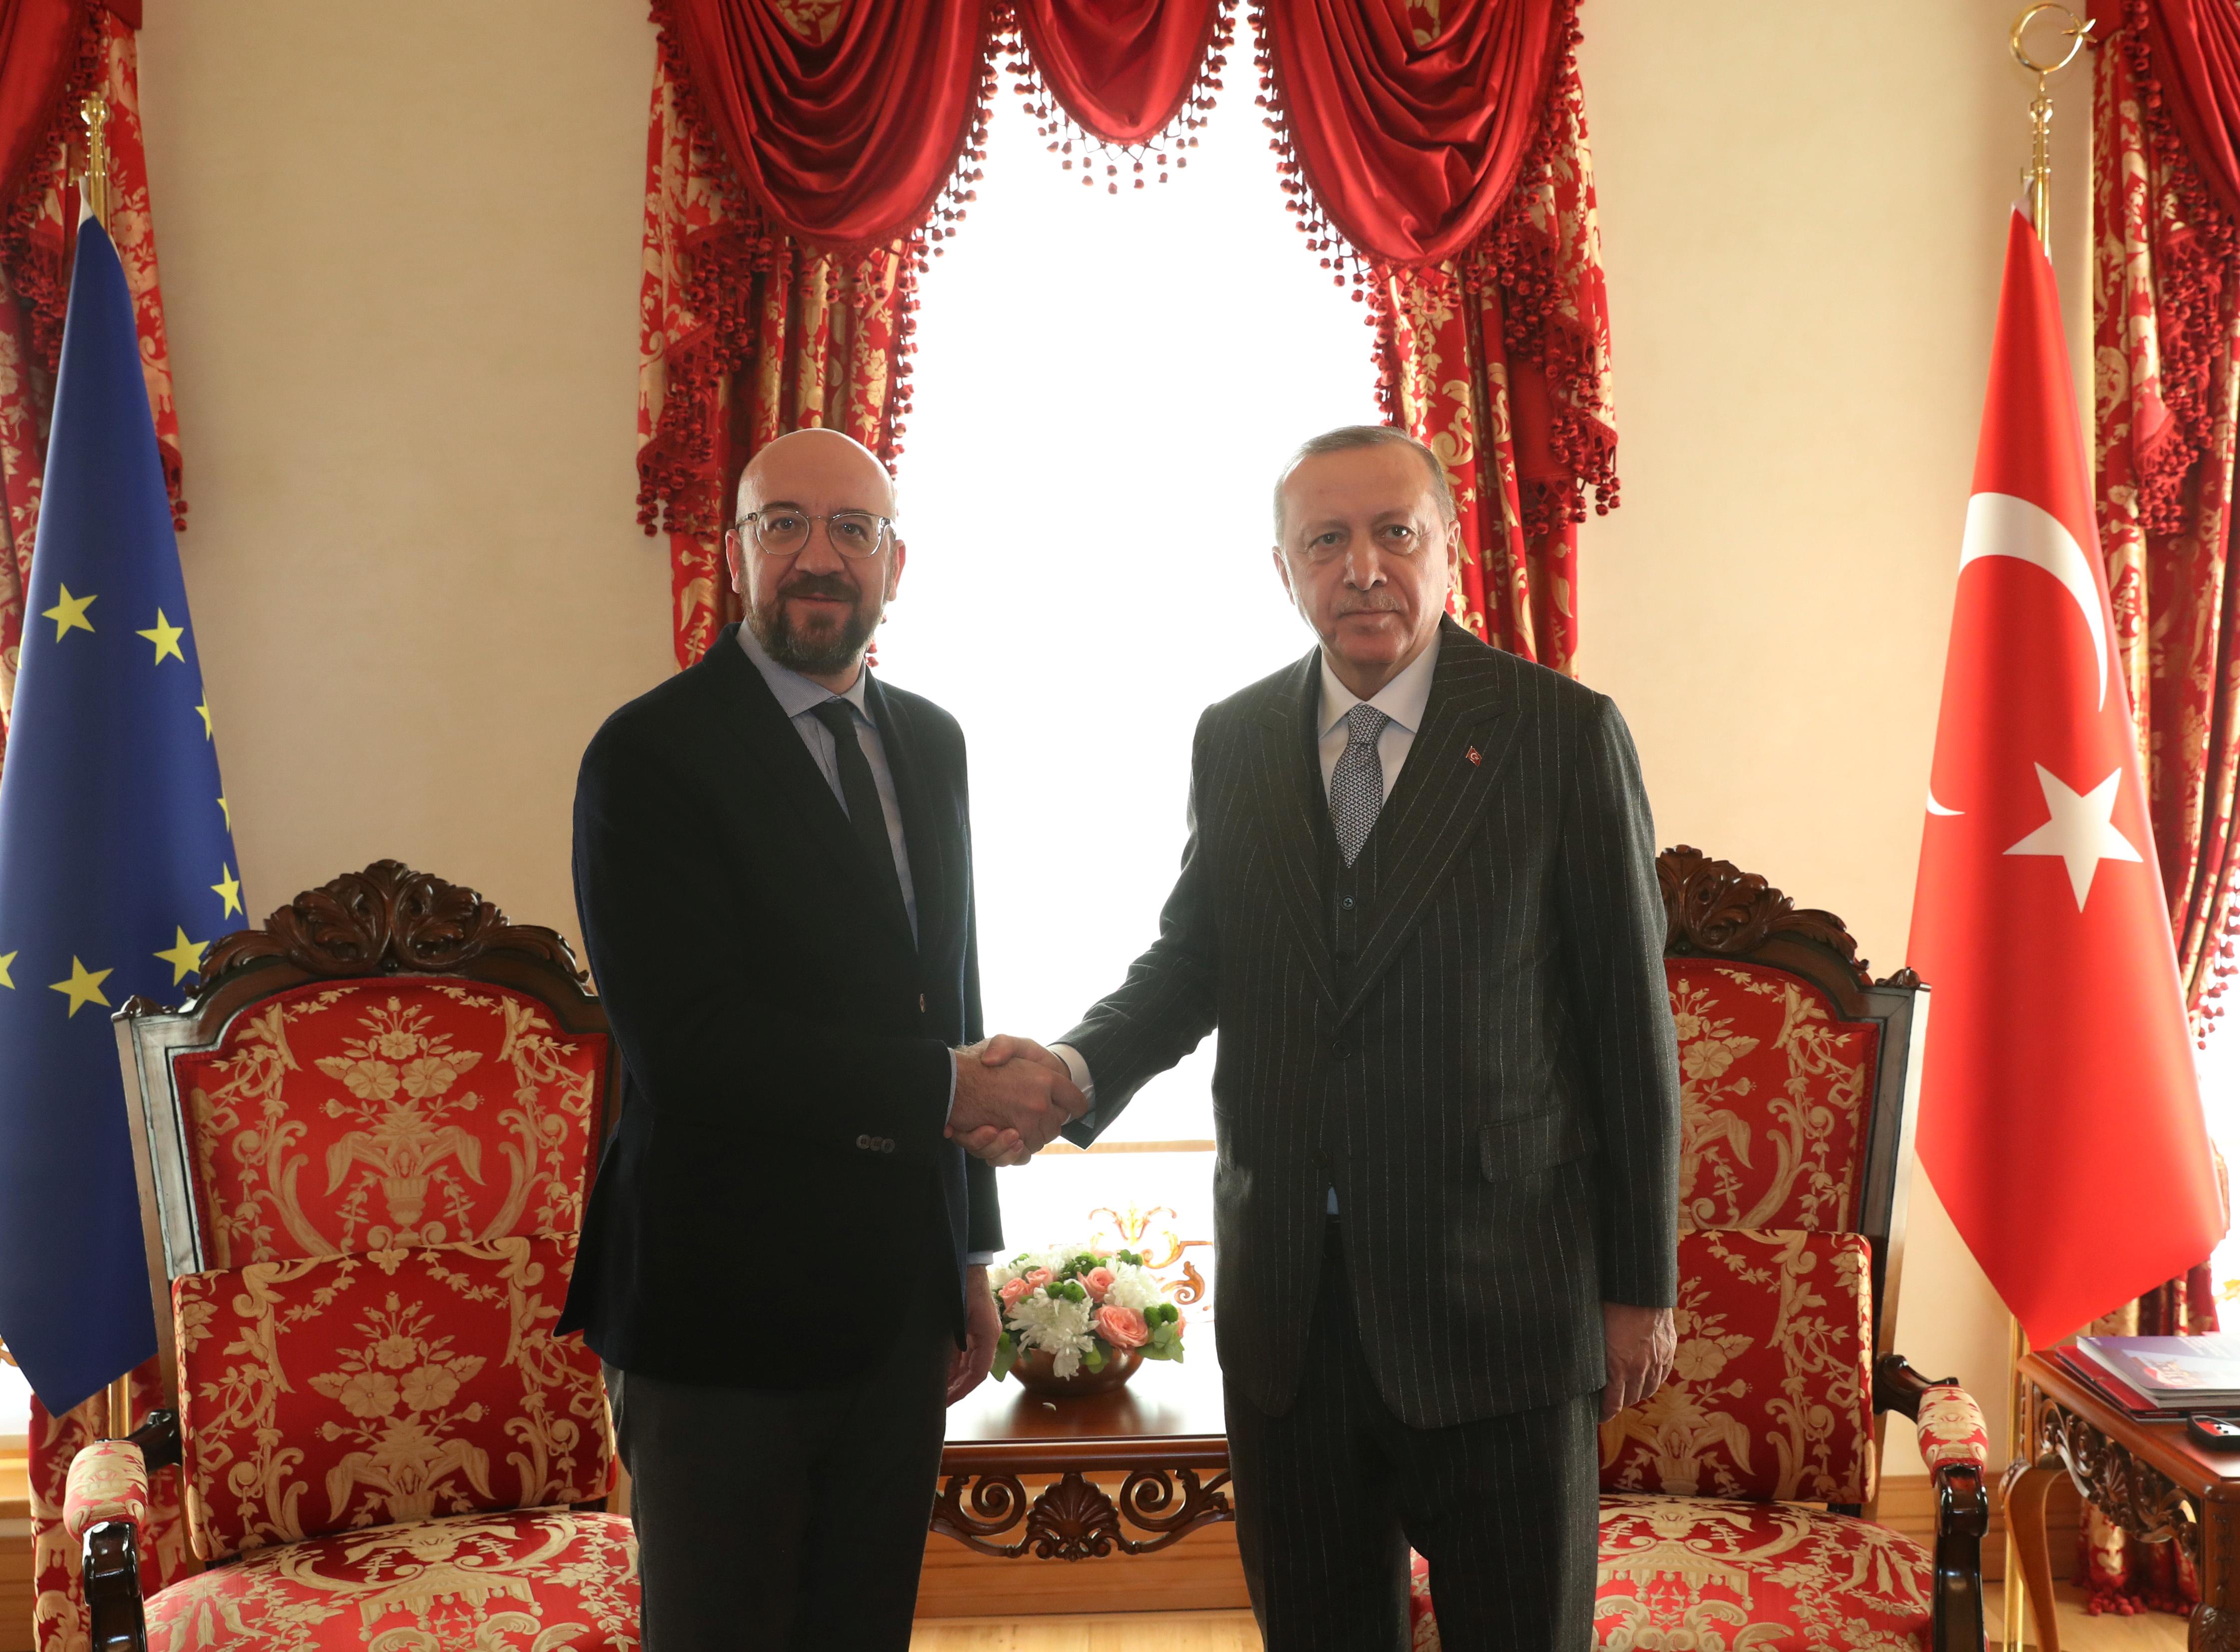 Σαρλ Μισέλ: «Παράθυρο ευκαιρίας» στις σχέσεις Ε.Ε – Τουρκίας αν η Άγκυρα σταματήσει να προκαλεί